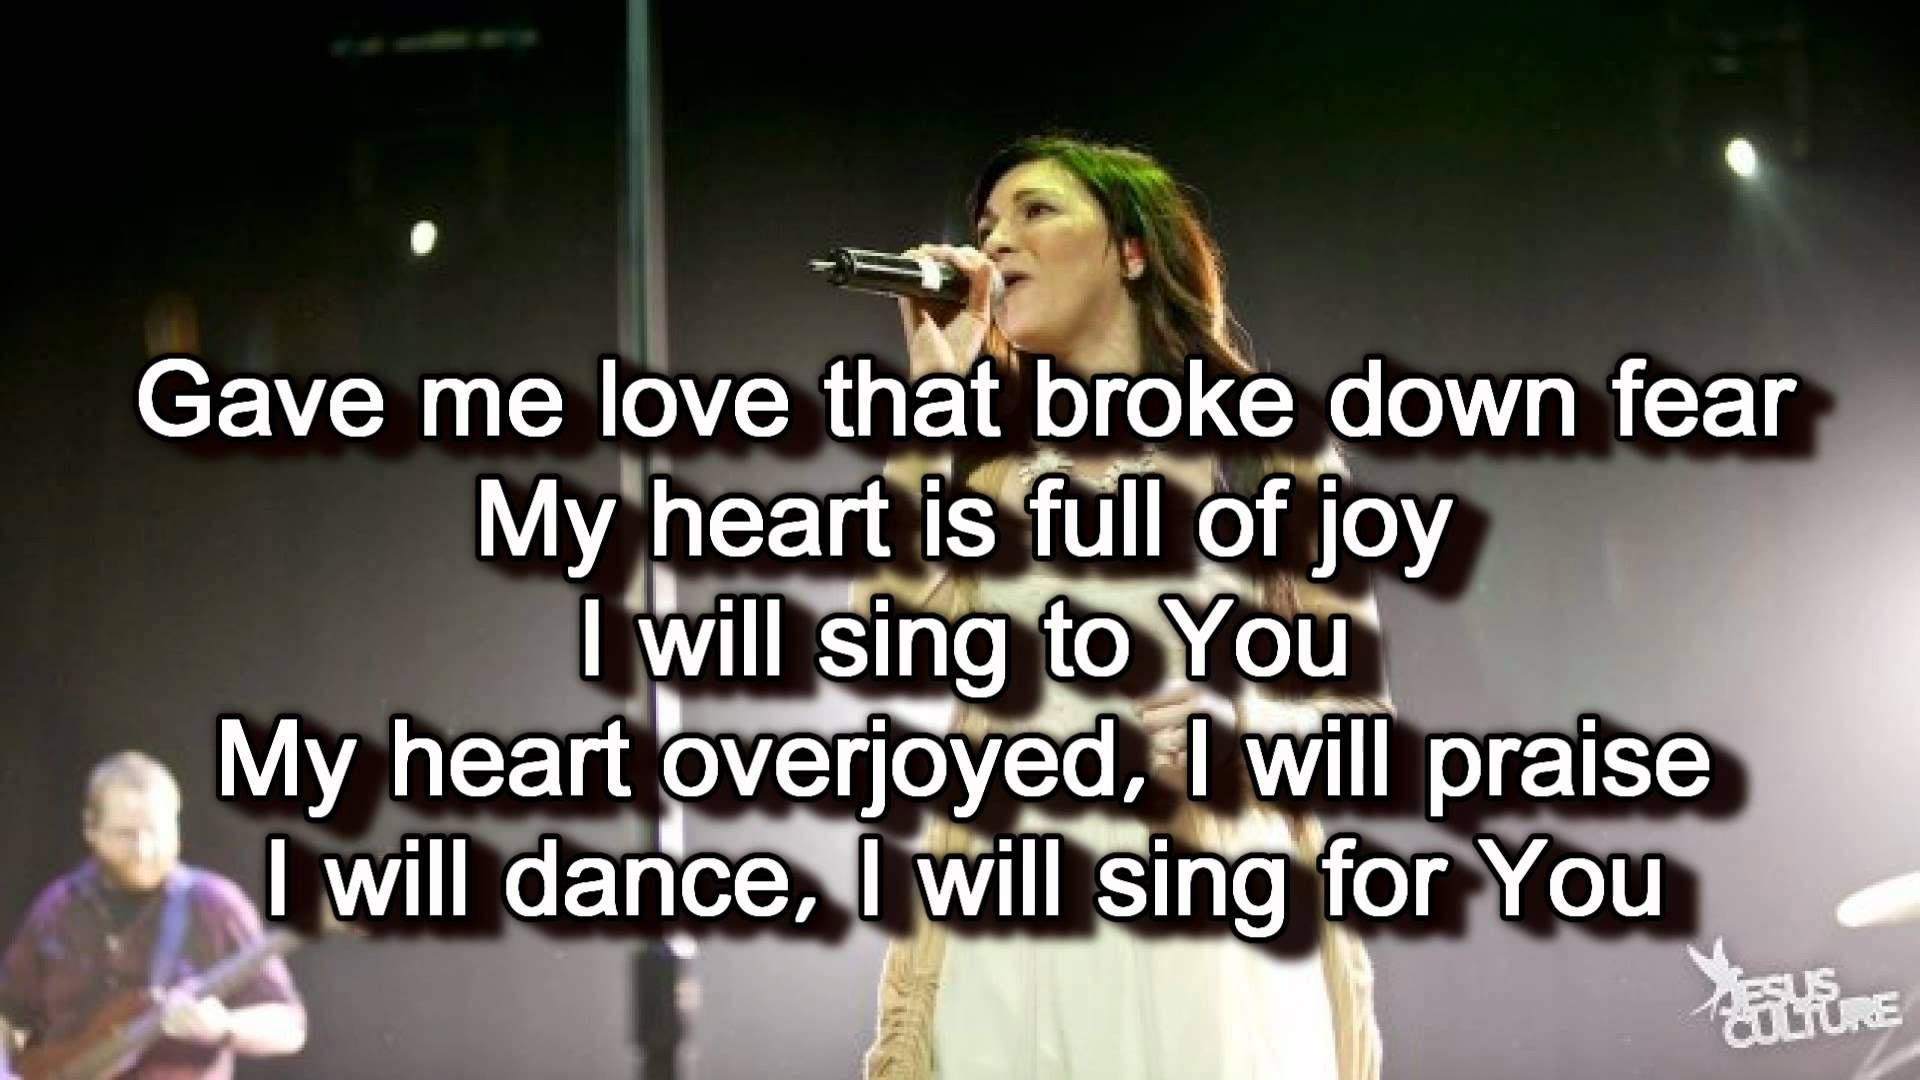 Jesus culture female singers